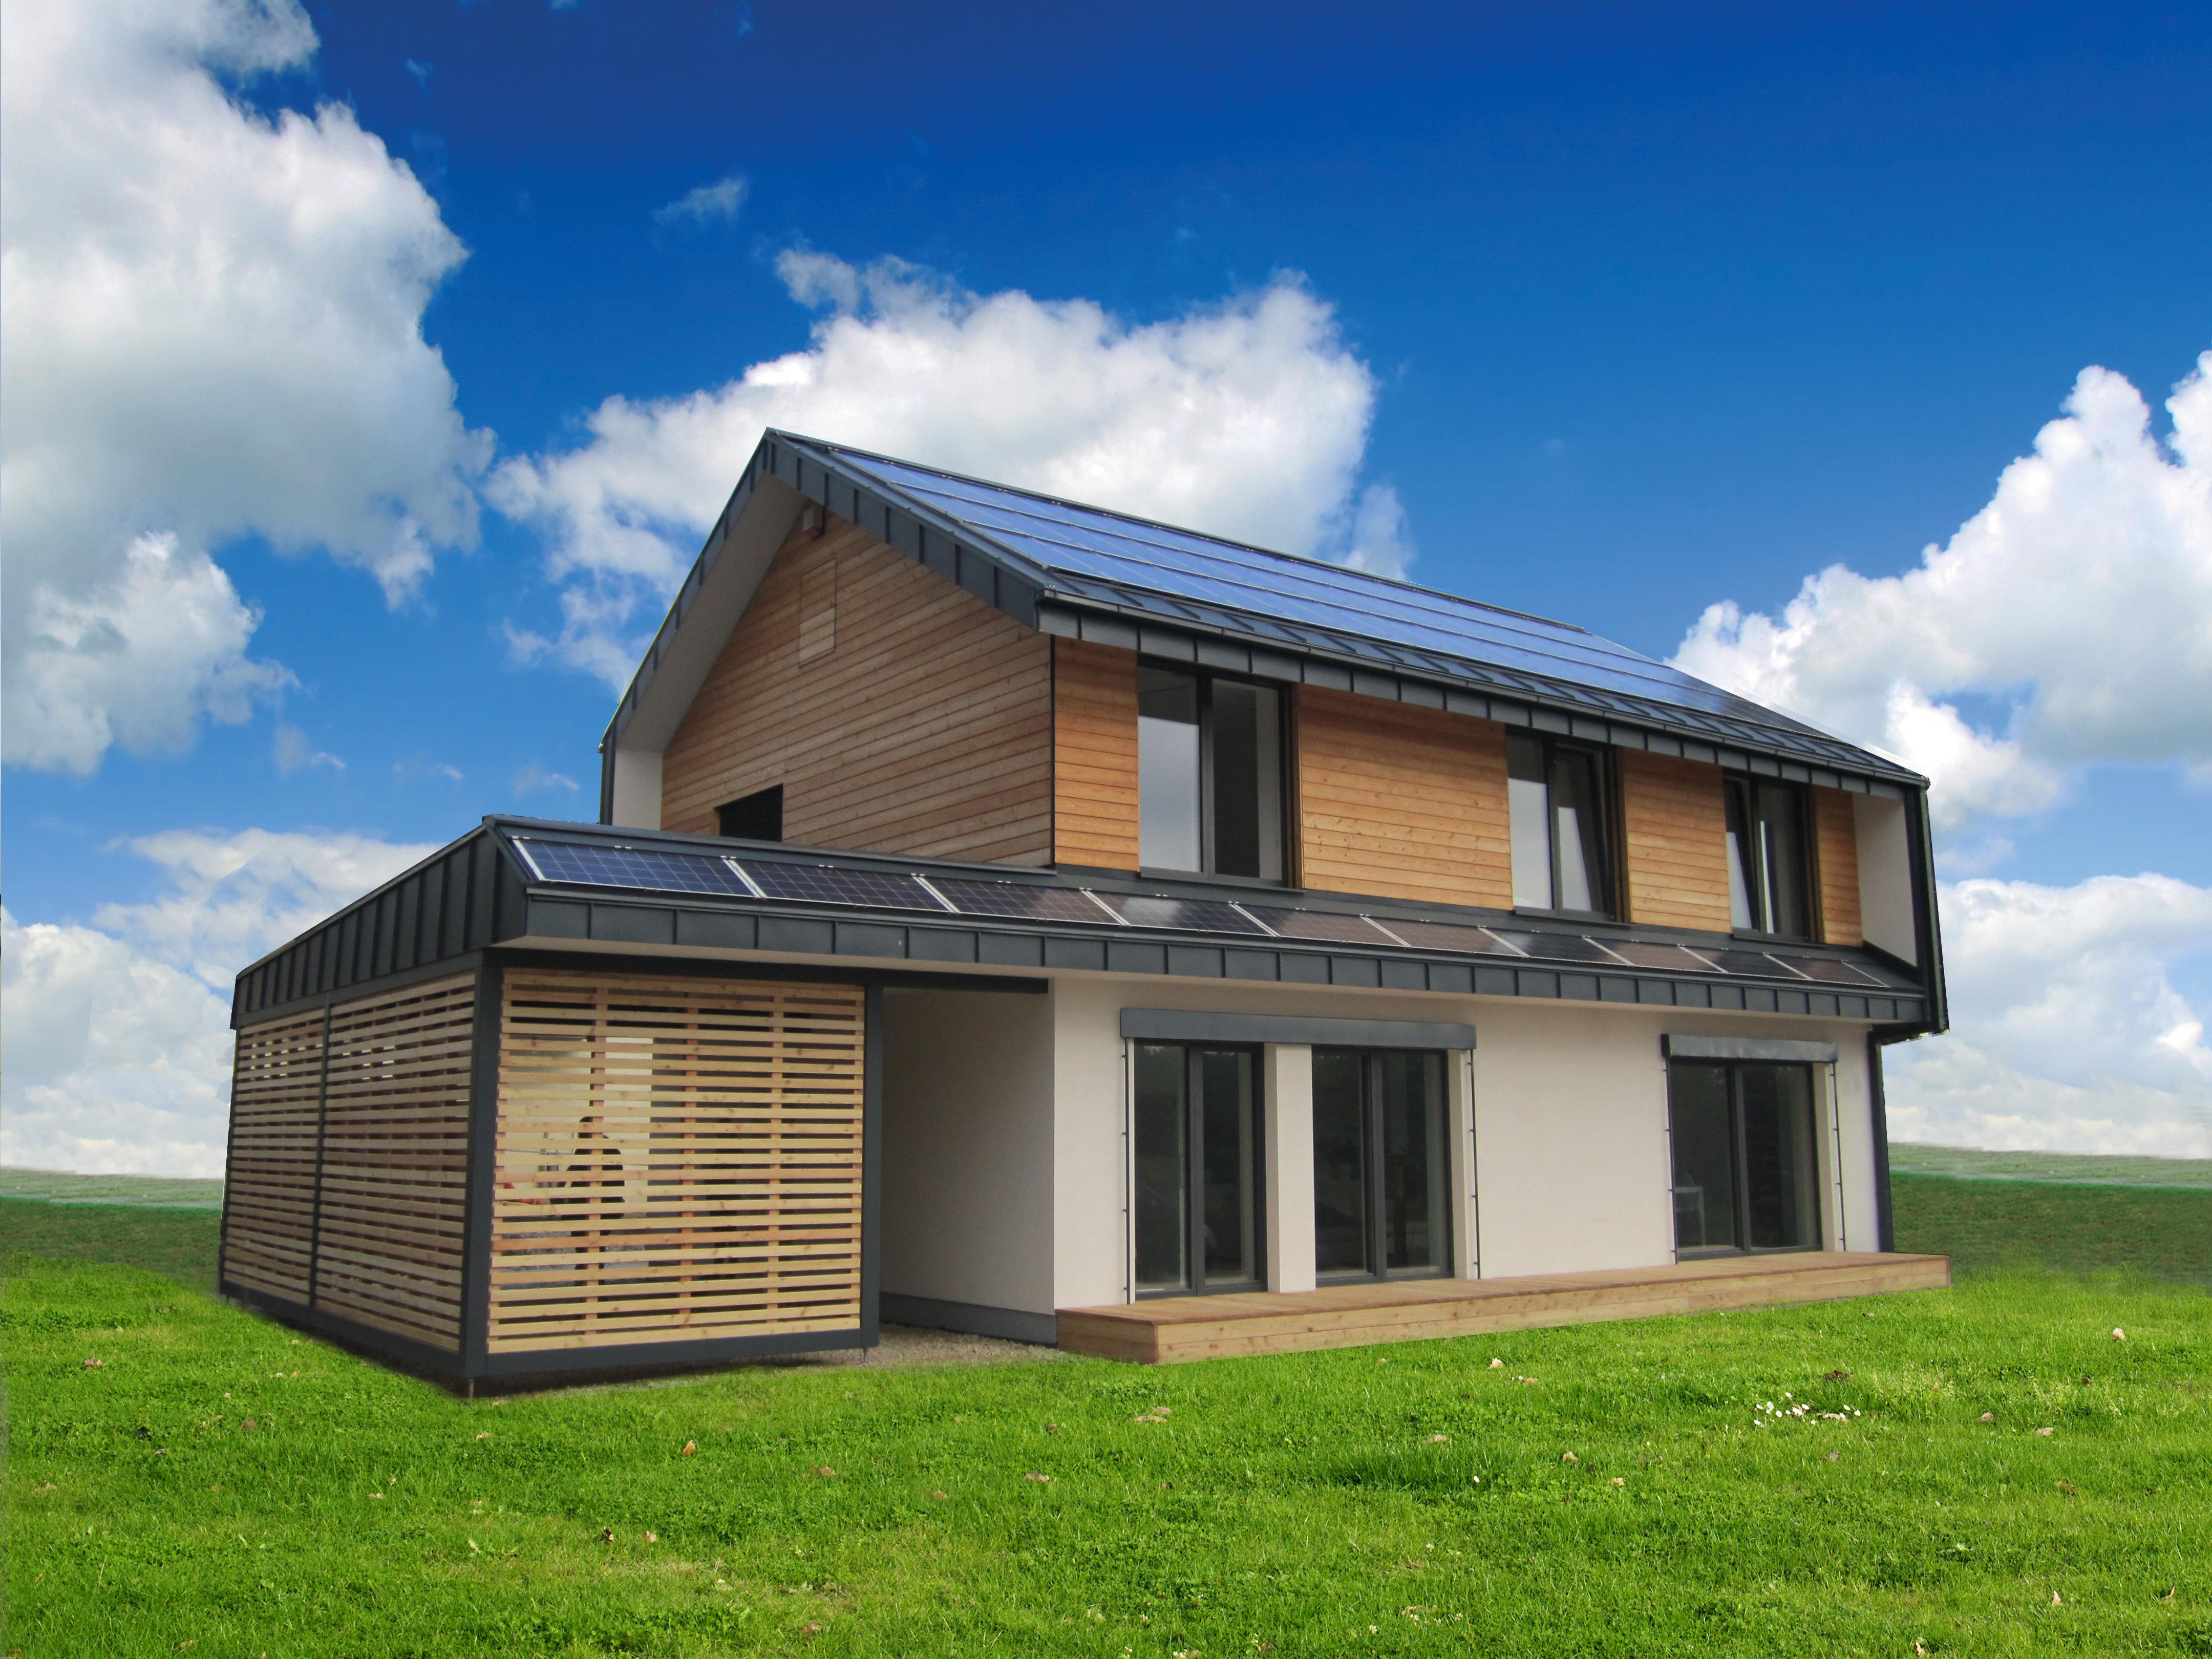 Ampliare la casa con un prefabbricato in legno - Ampliamento casa costi ...